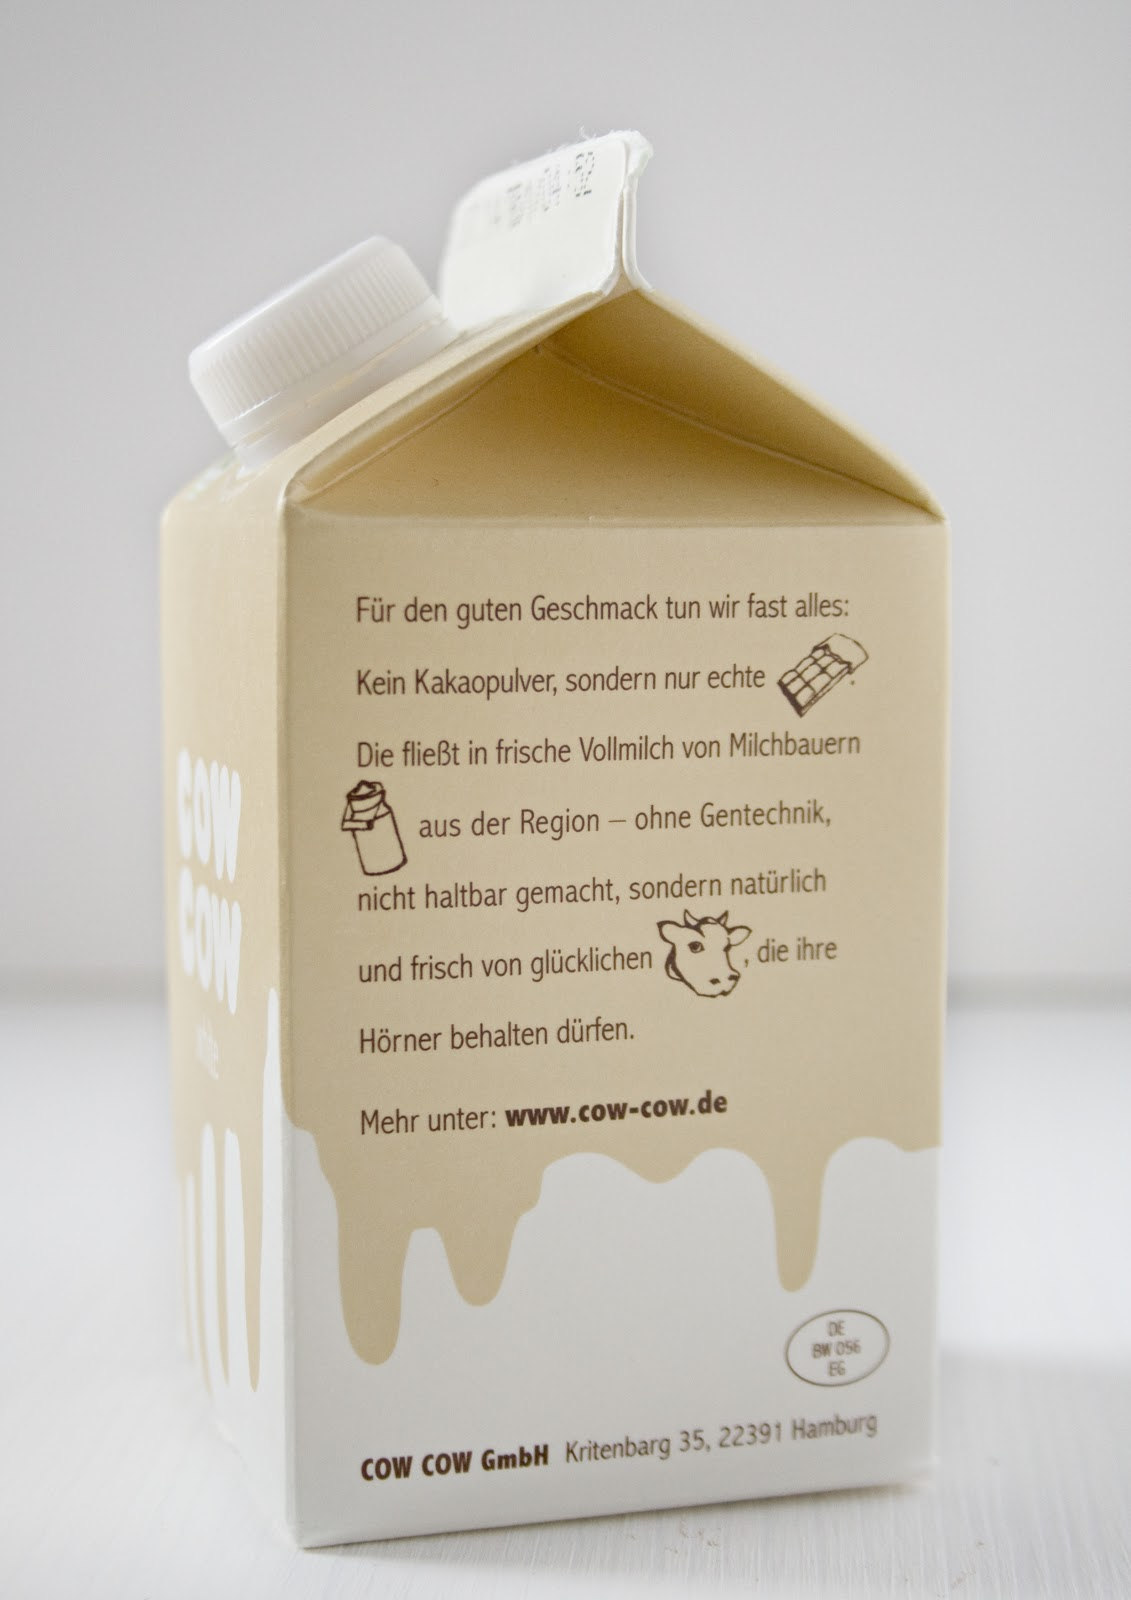 Cow Cow weiße Schokoladenmilch